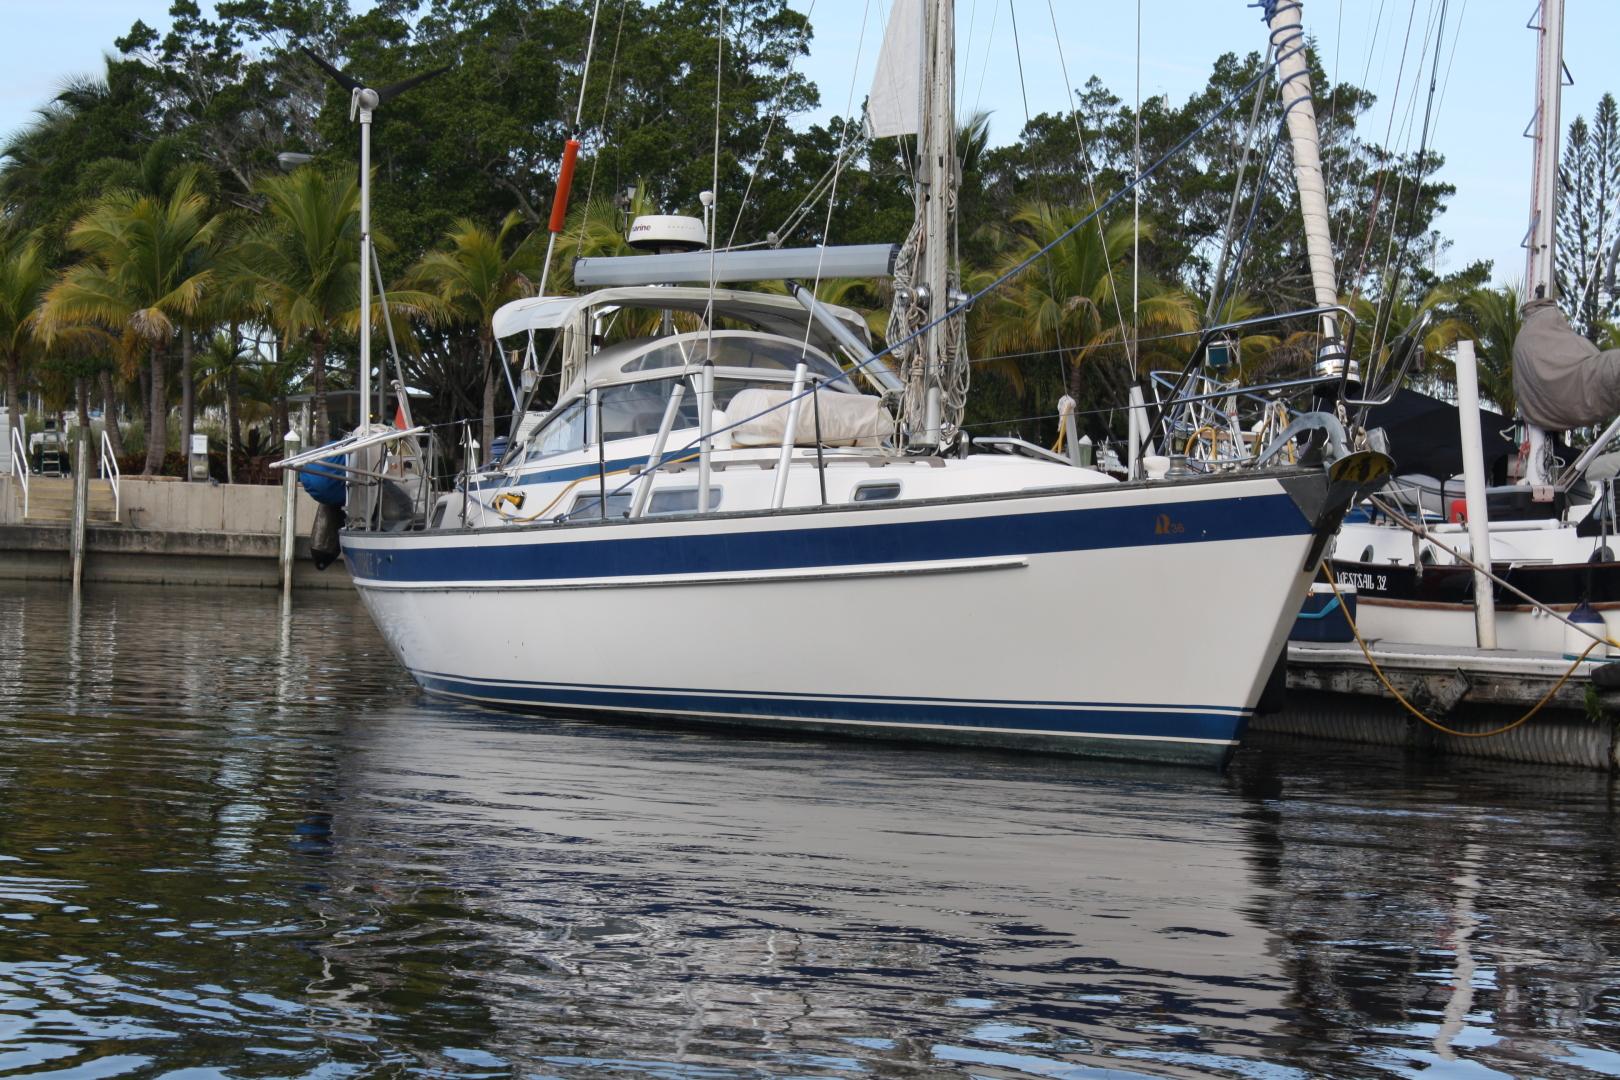 Hallberg-Rassy-36 MKII 2002-Vivace 1 Stuart-Florida-United States-1312750   Thumbnail